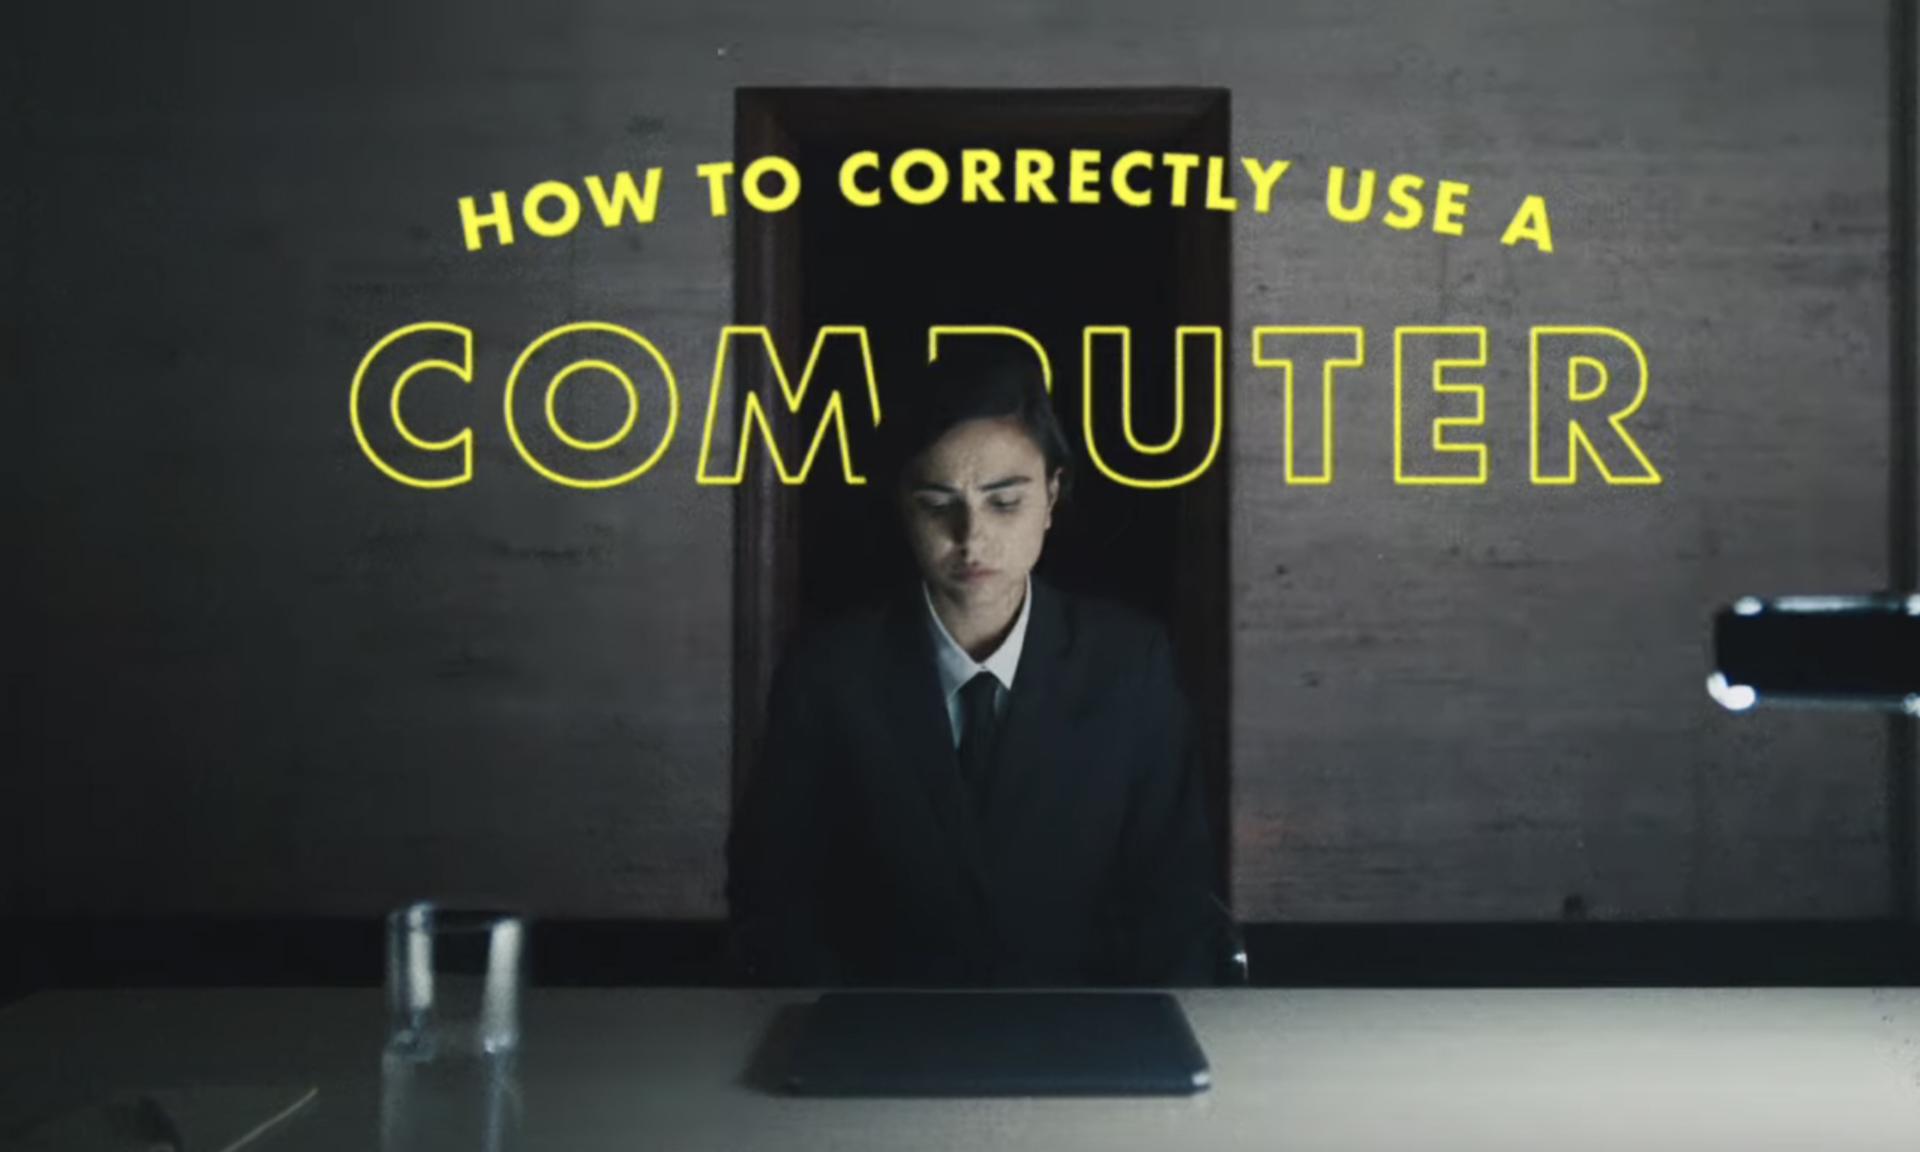 「电脑使用指南」,iPad Pro 全新广告片幽默发布